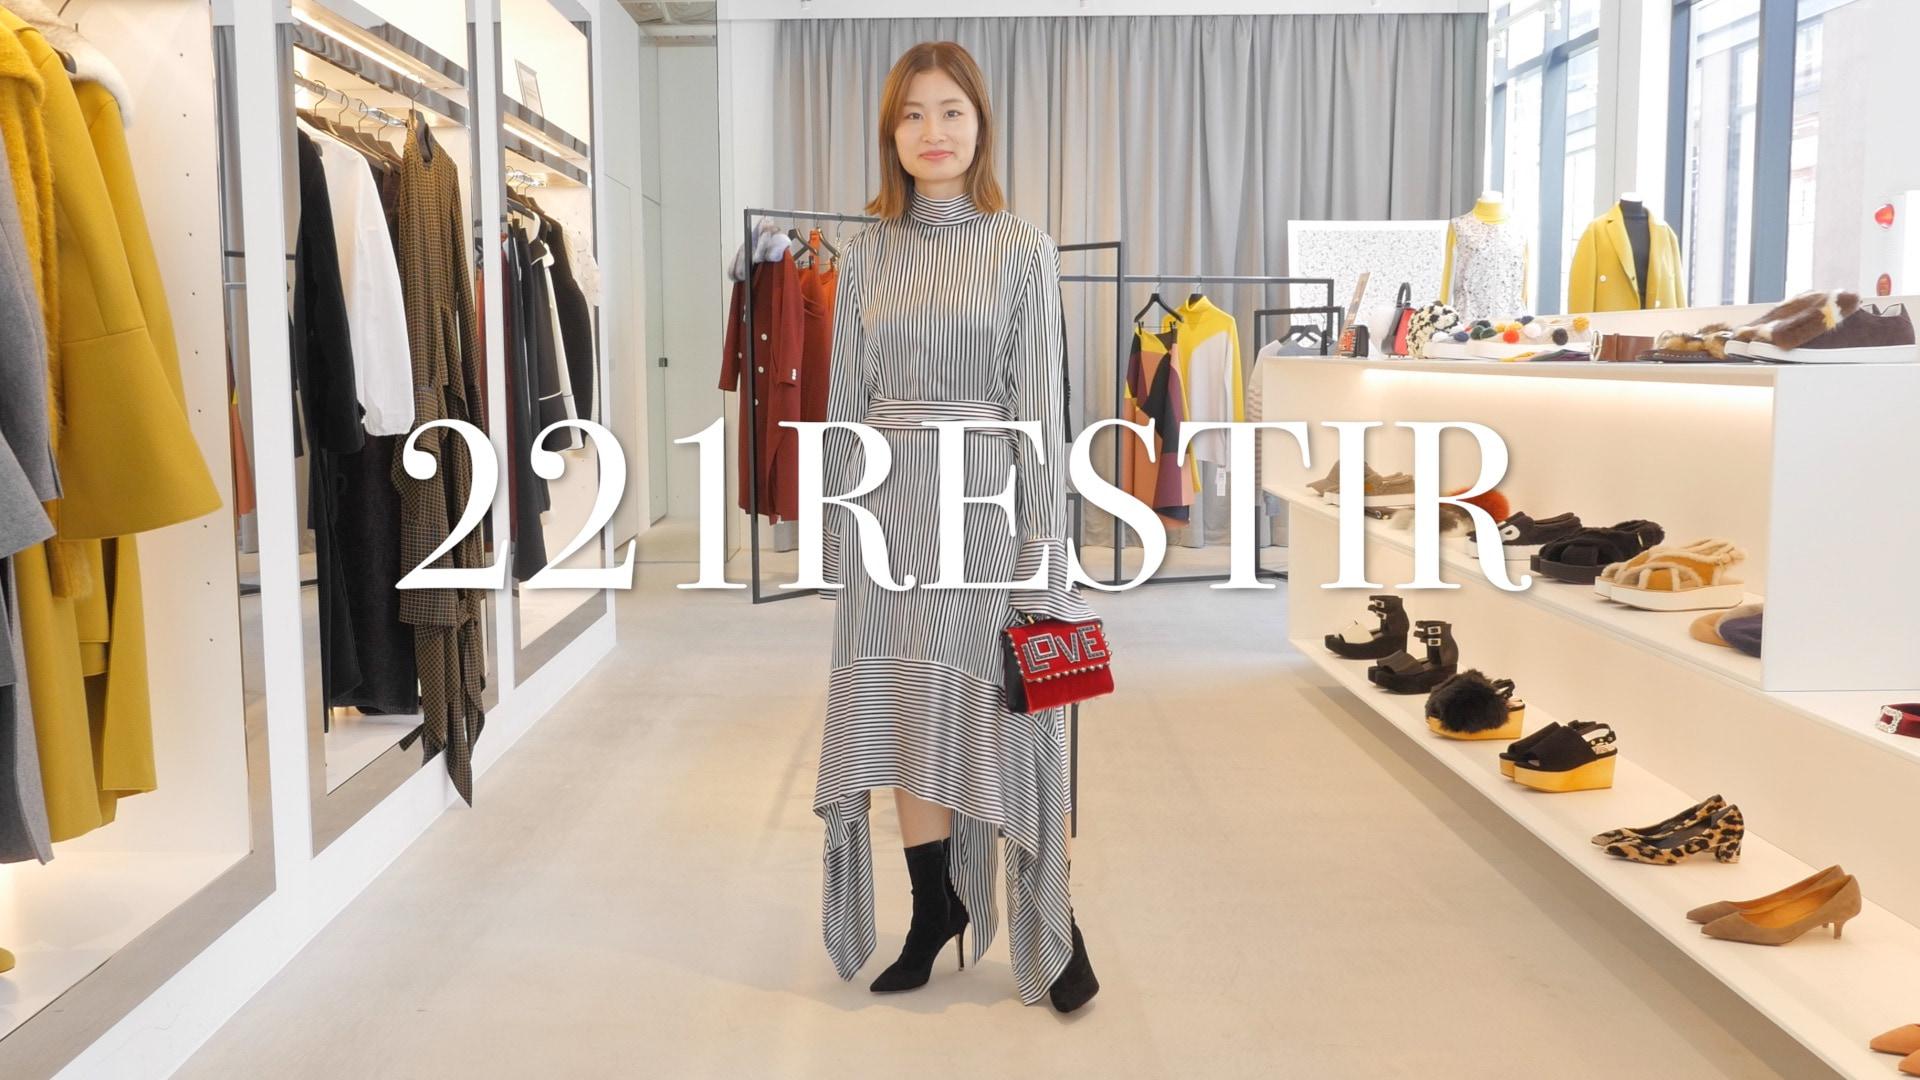 アシンメトリーな裾が揺れる、モードなドレスアップコーデ【221 RESTIR】#1